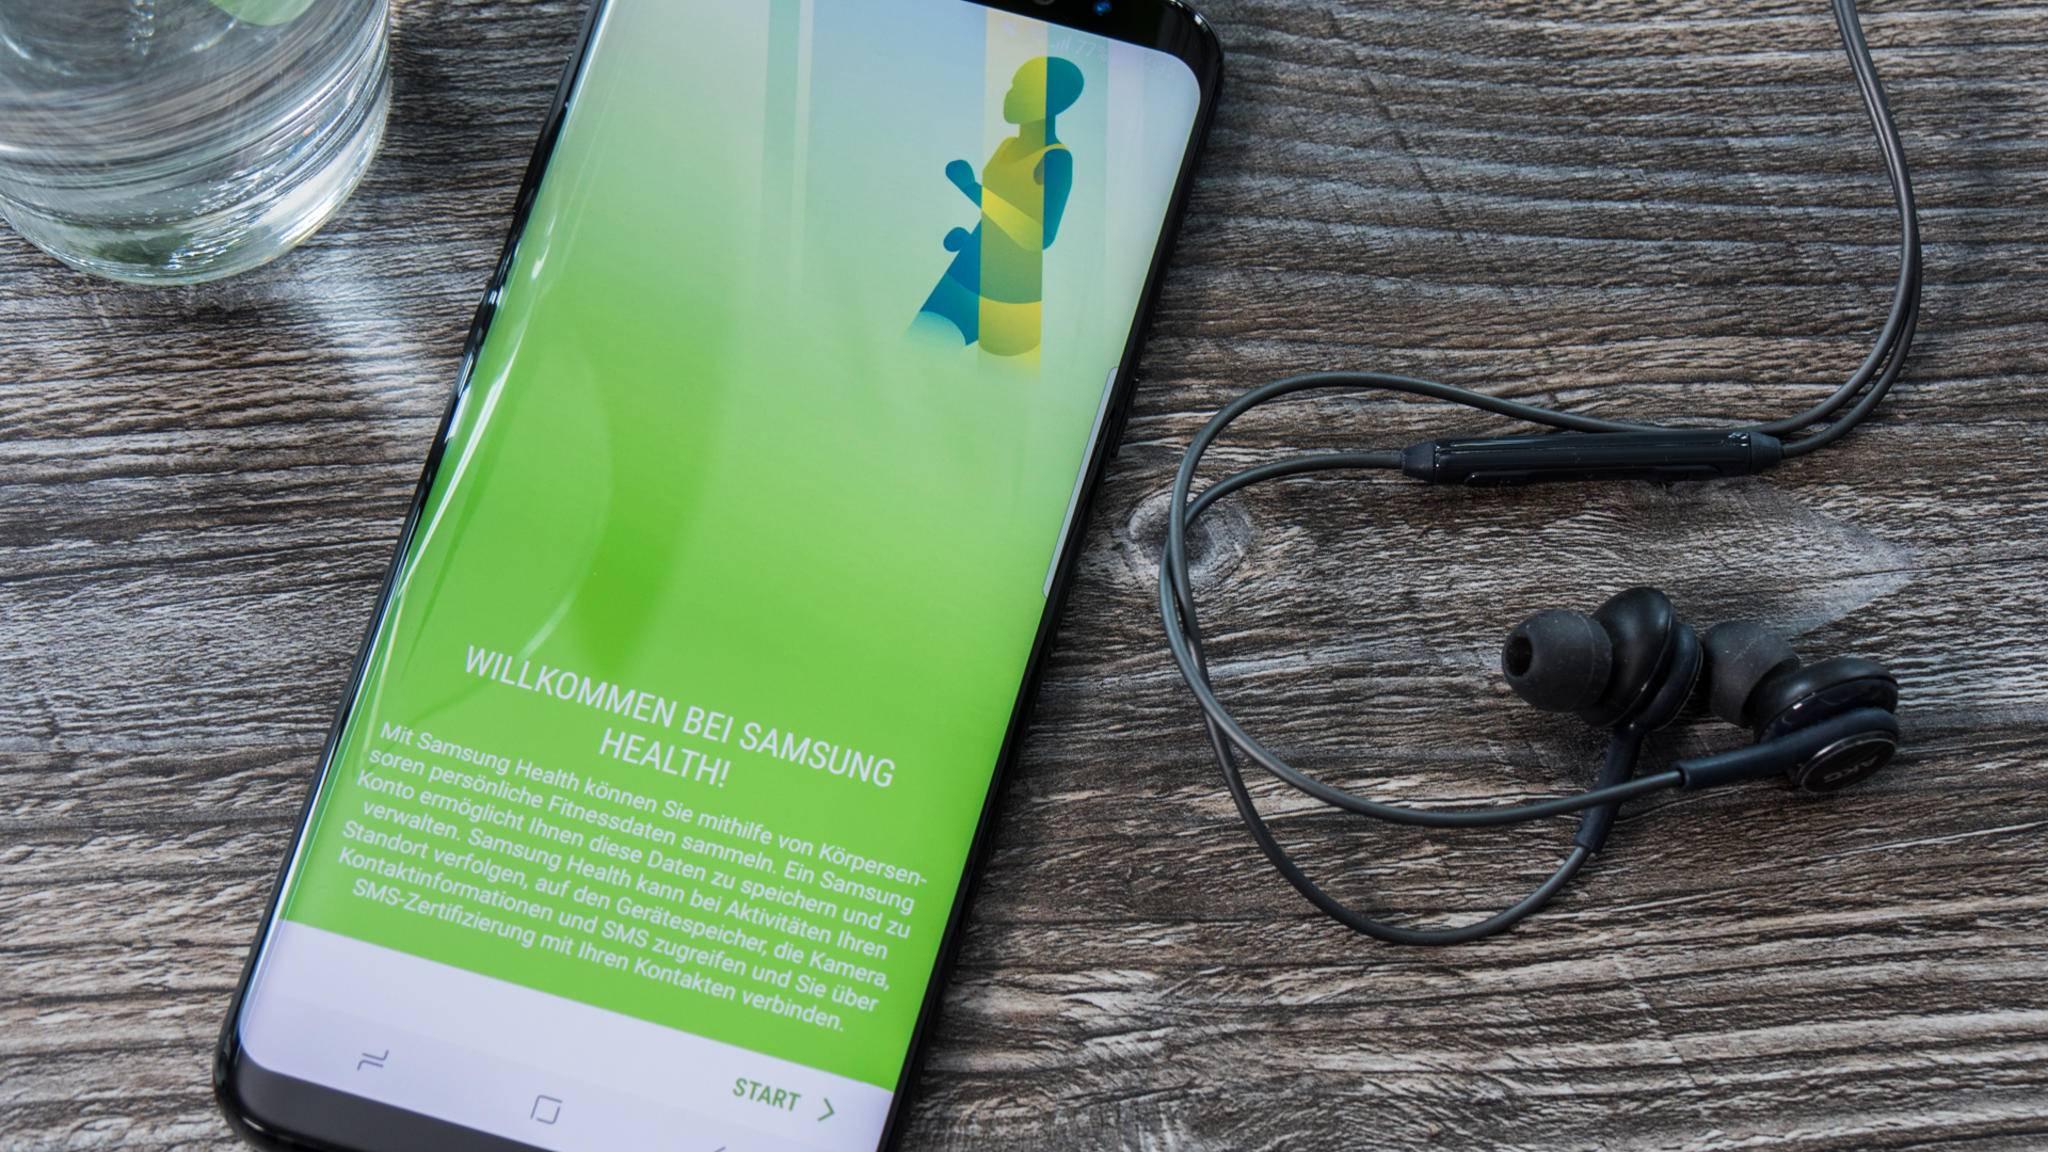 Bixby ist der digitale Assistent auf neueren Samsung-Smartphones.